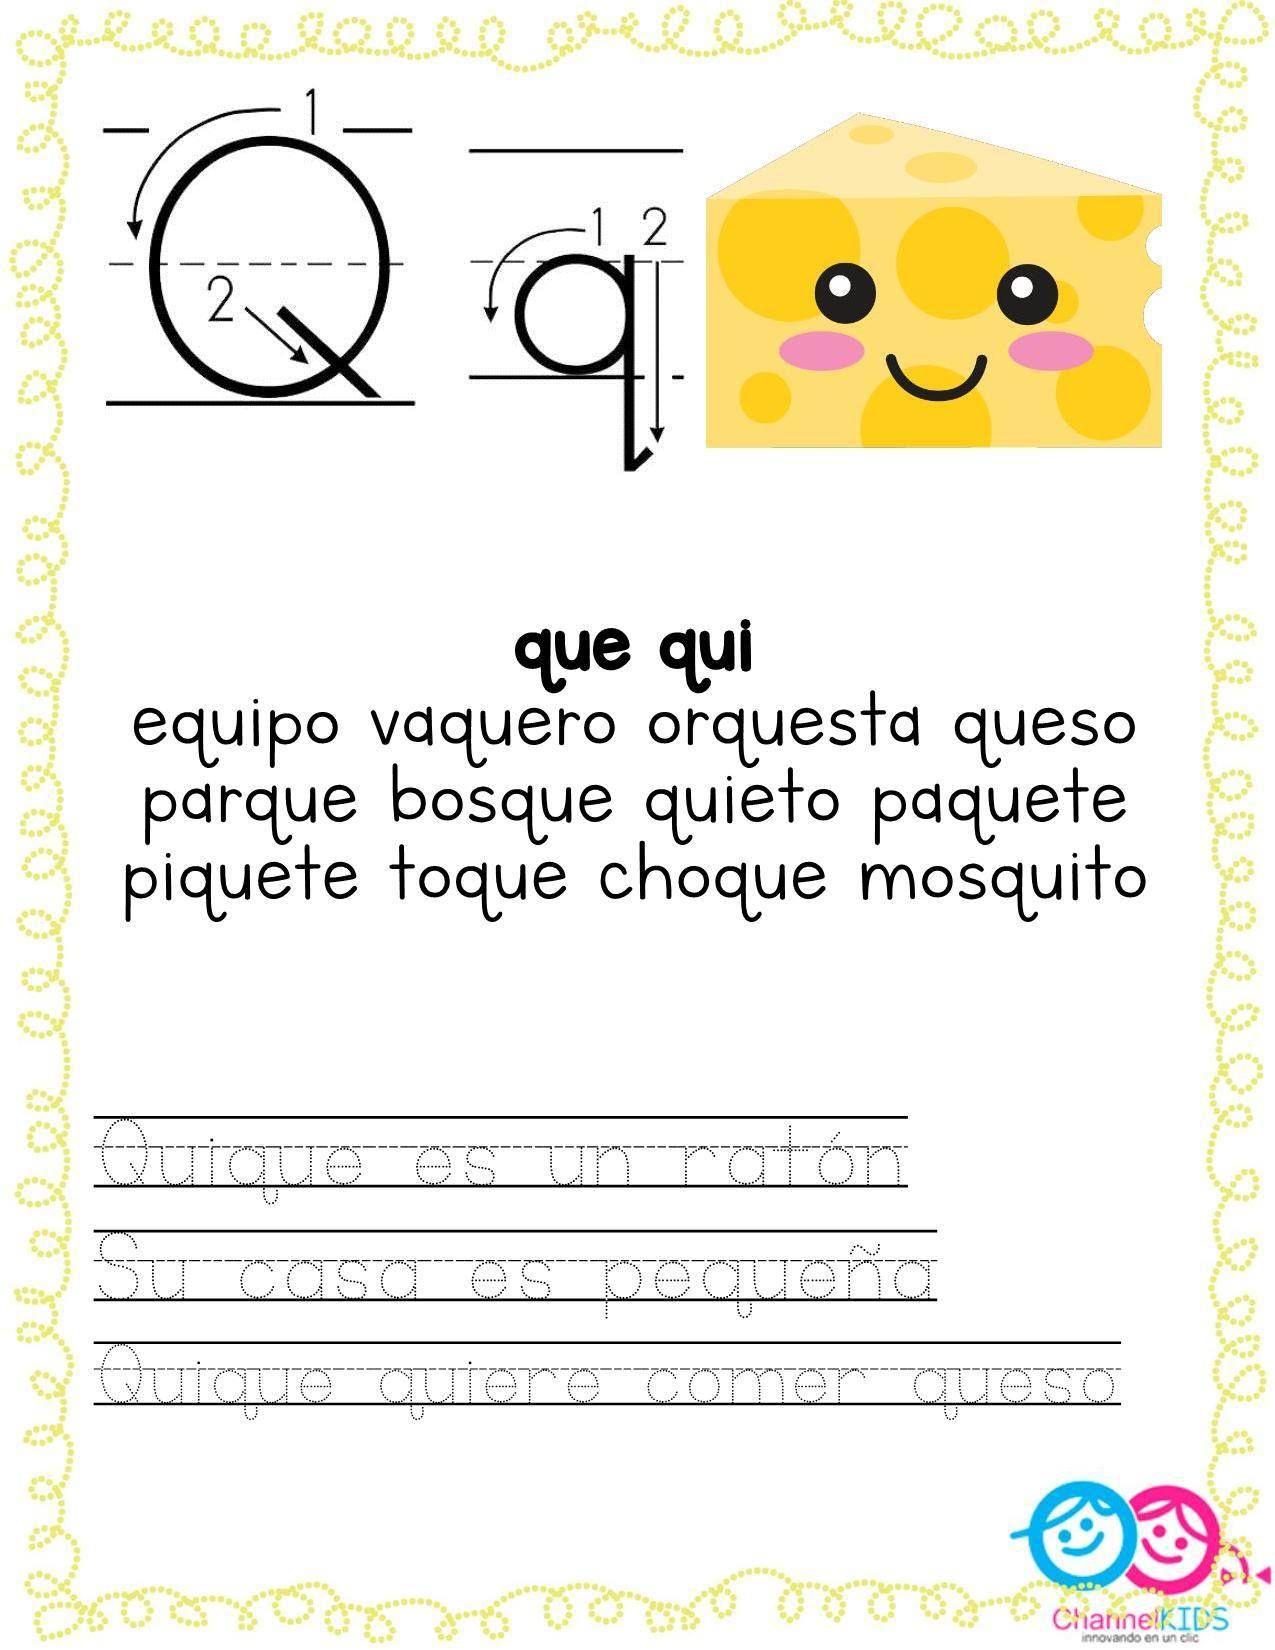 Cuaderno de lectura para descargar en pdf (21) - Imagenes Educativas